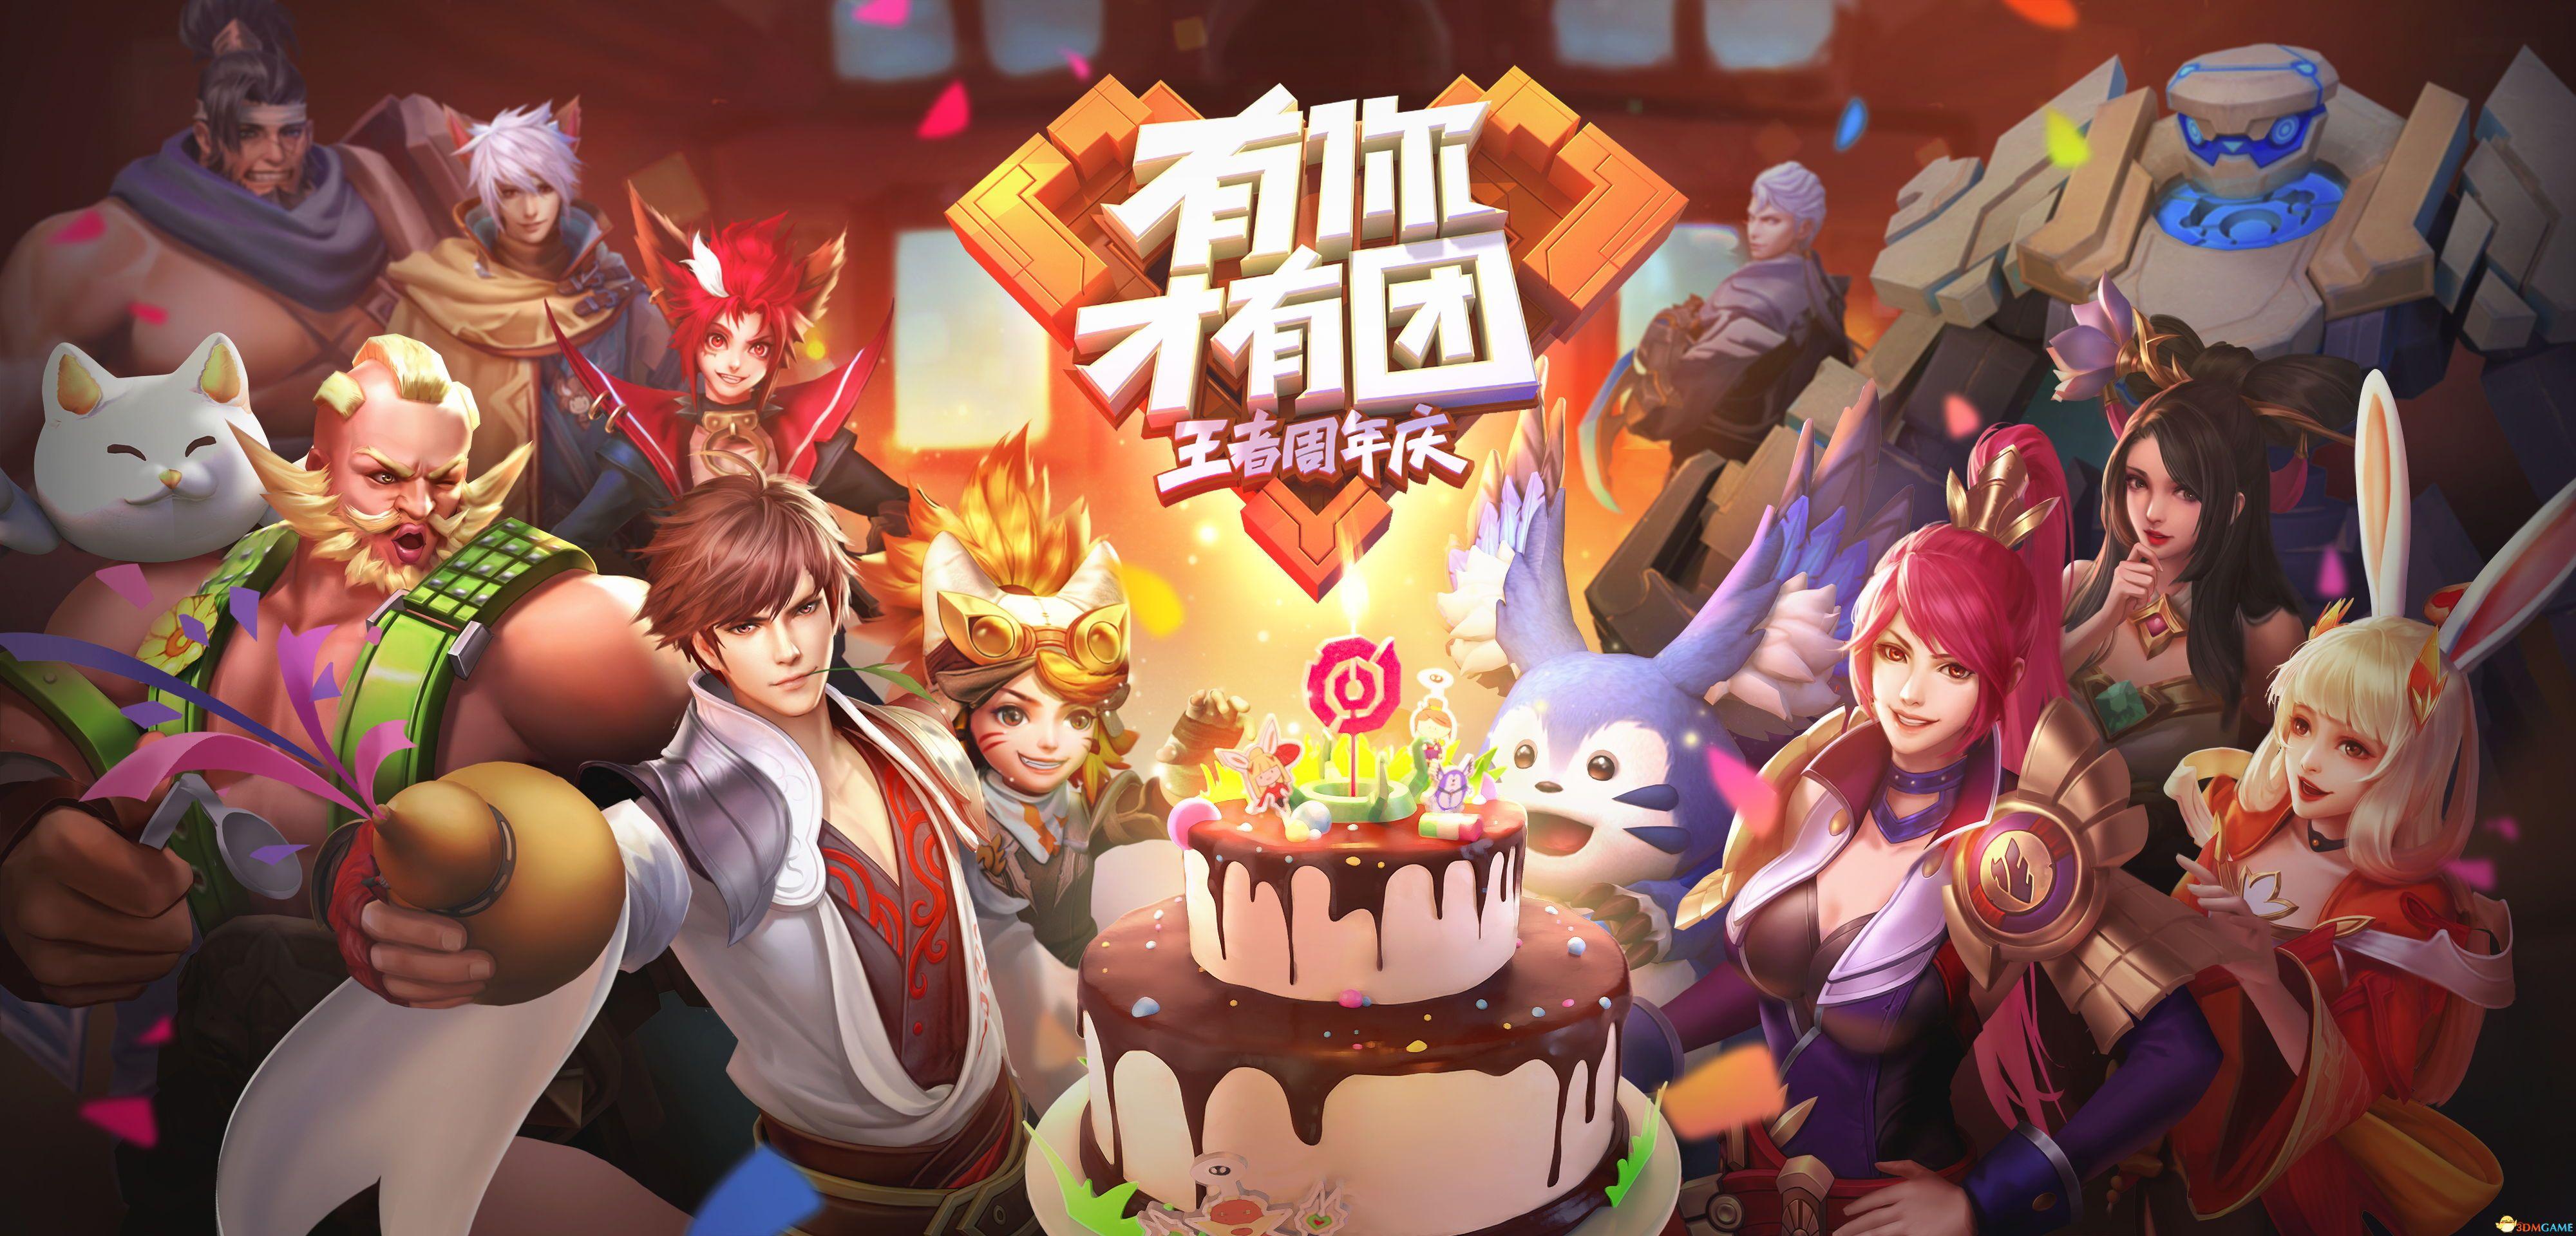 王者荣耀-三周年庆KV-精修版(1)_看图王.jpg